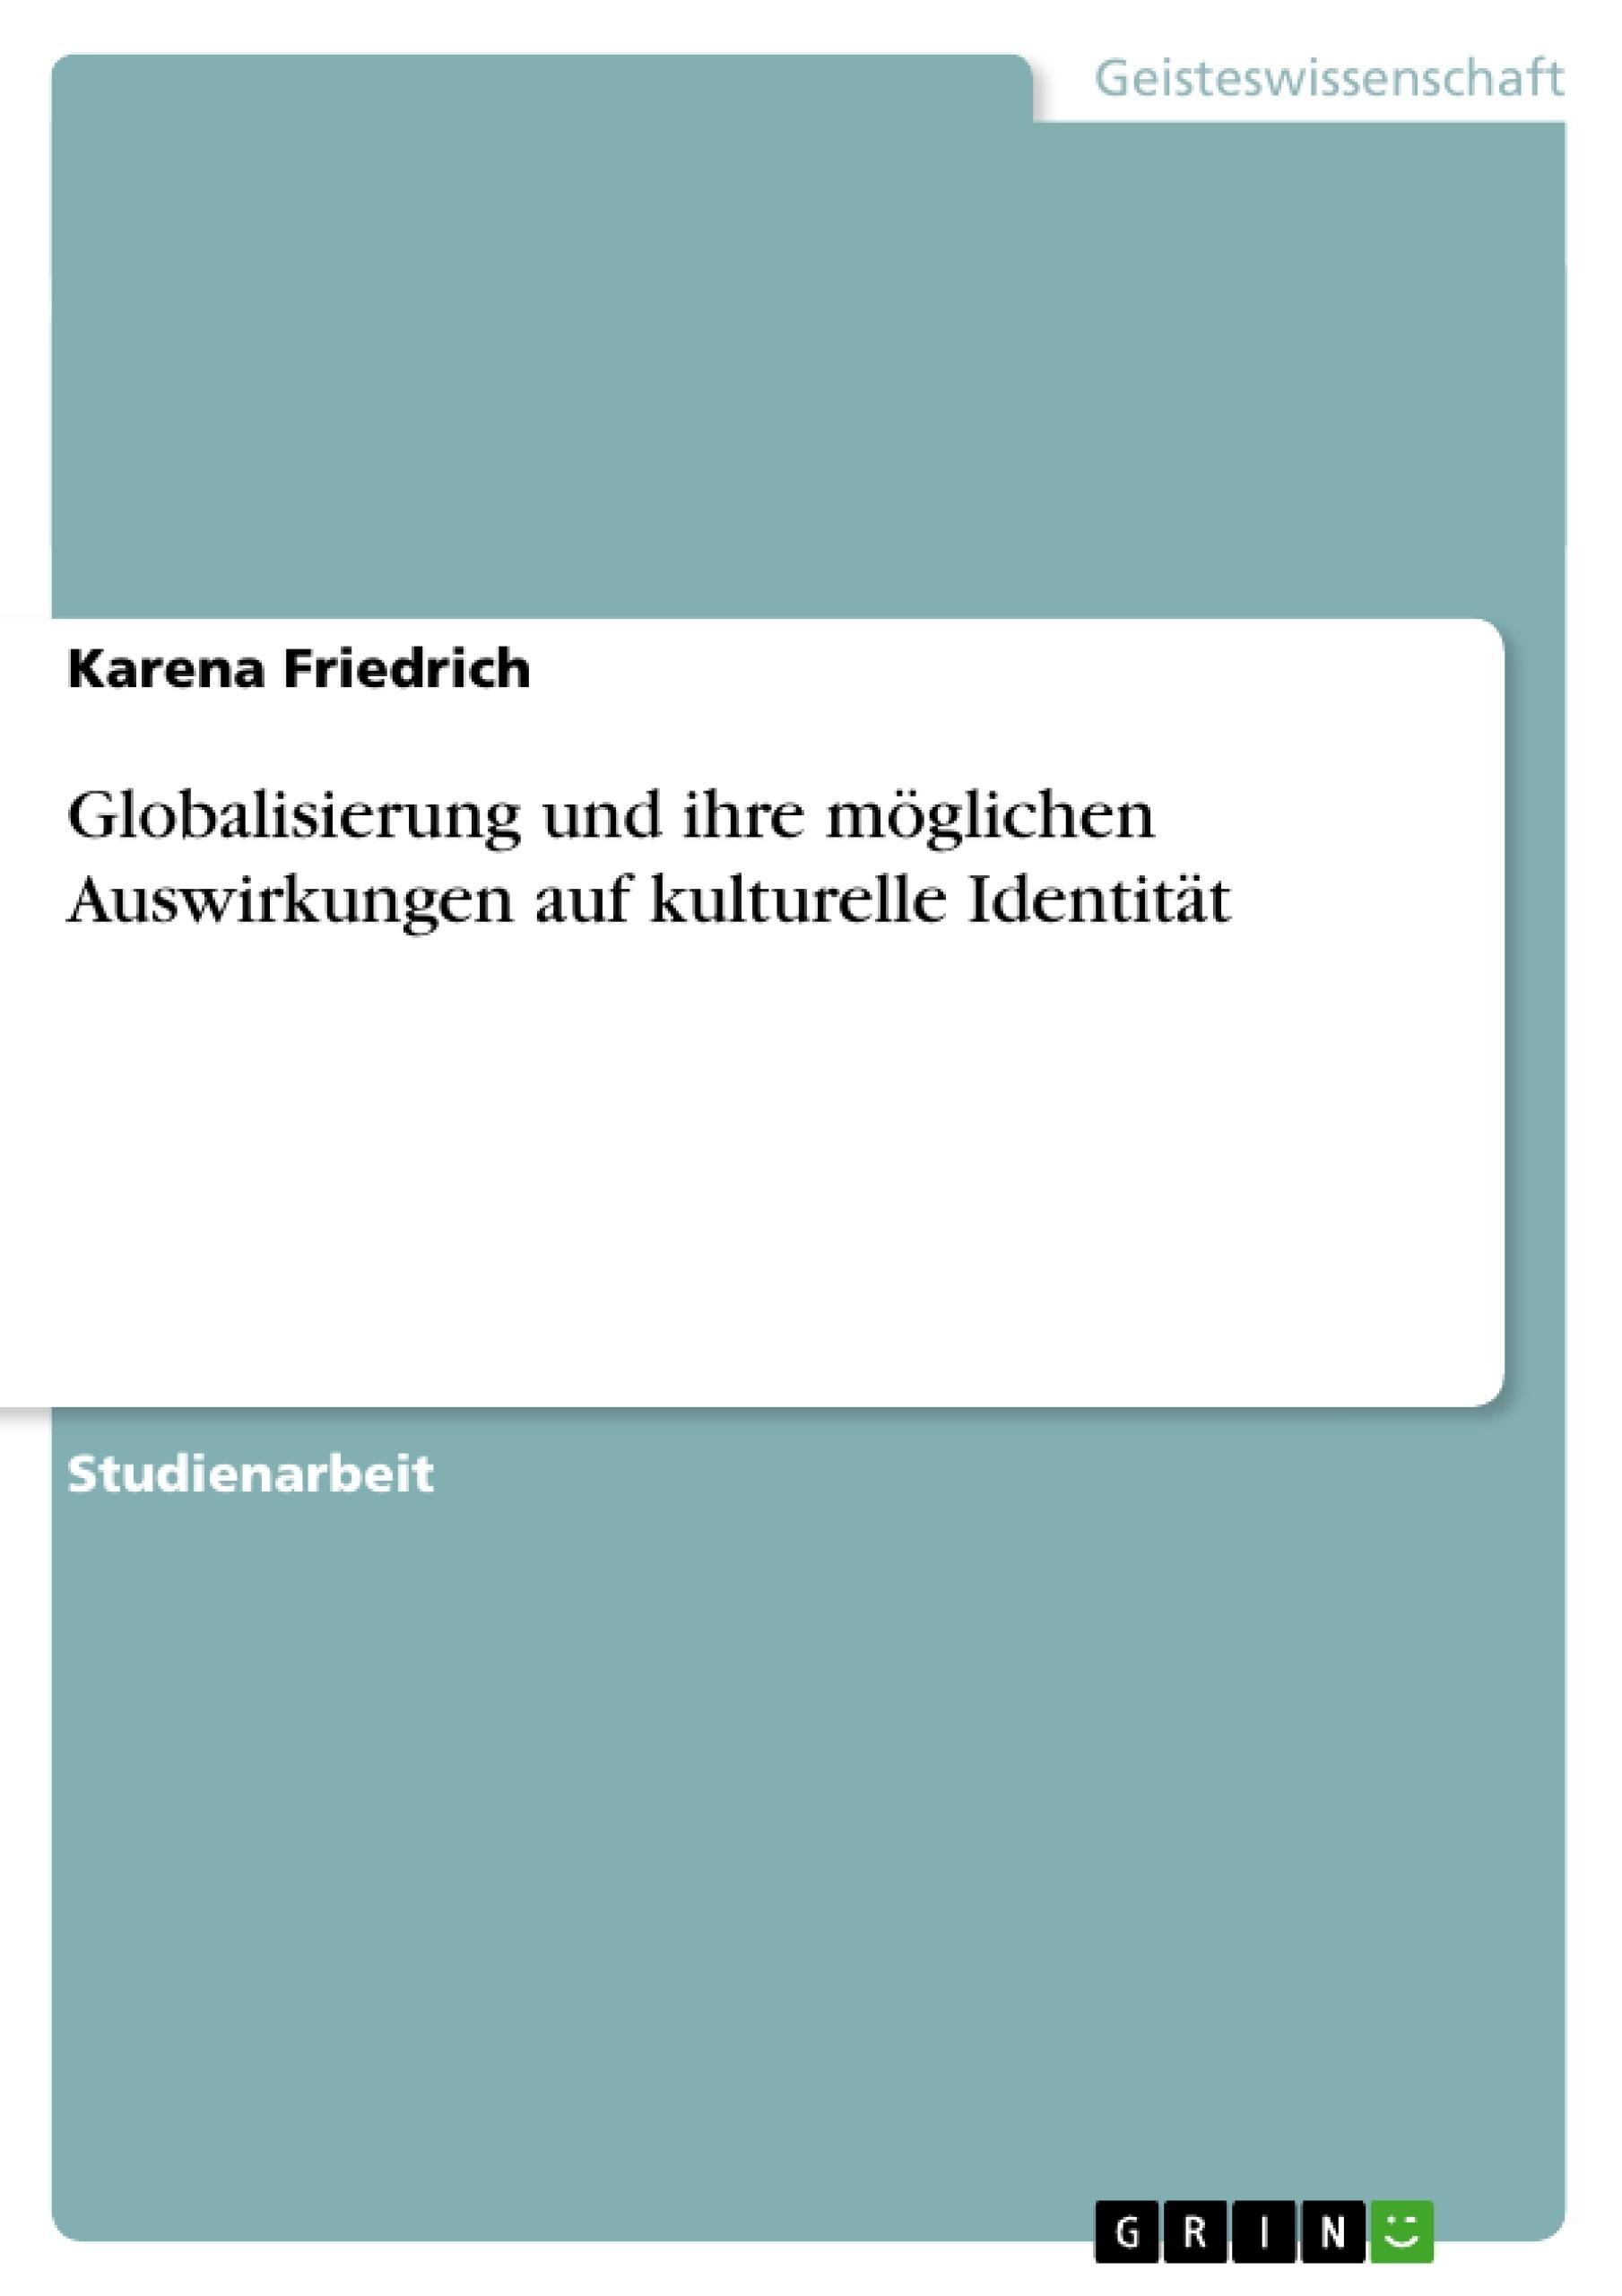 Titel: Globalisierung und ihre möglichen Auswirkungen auf kulturelle Identität